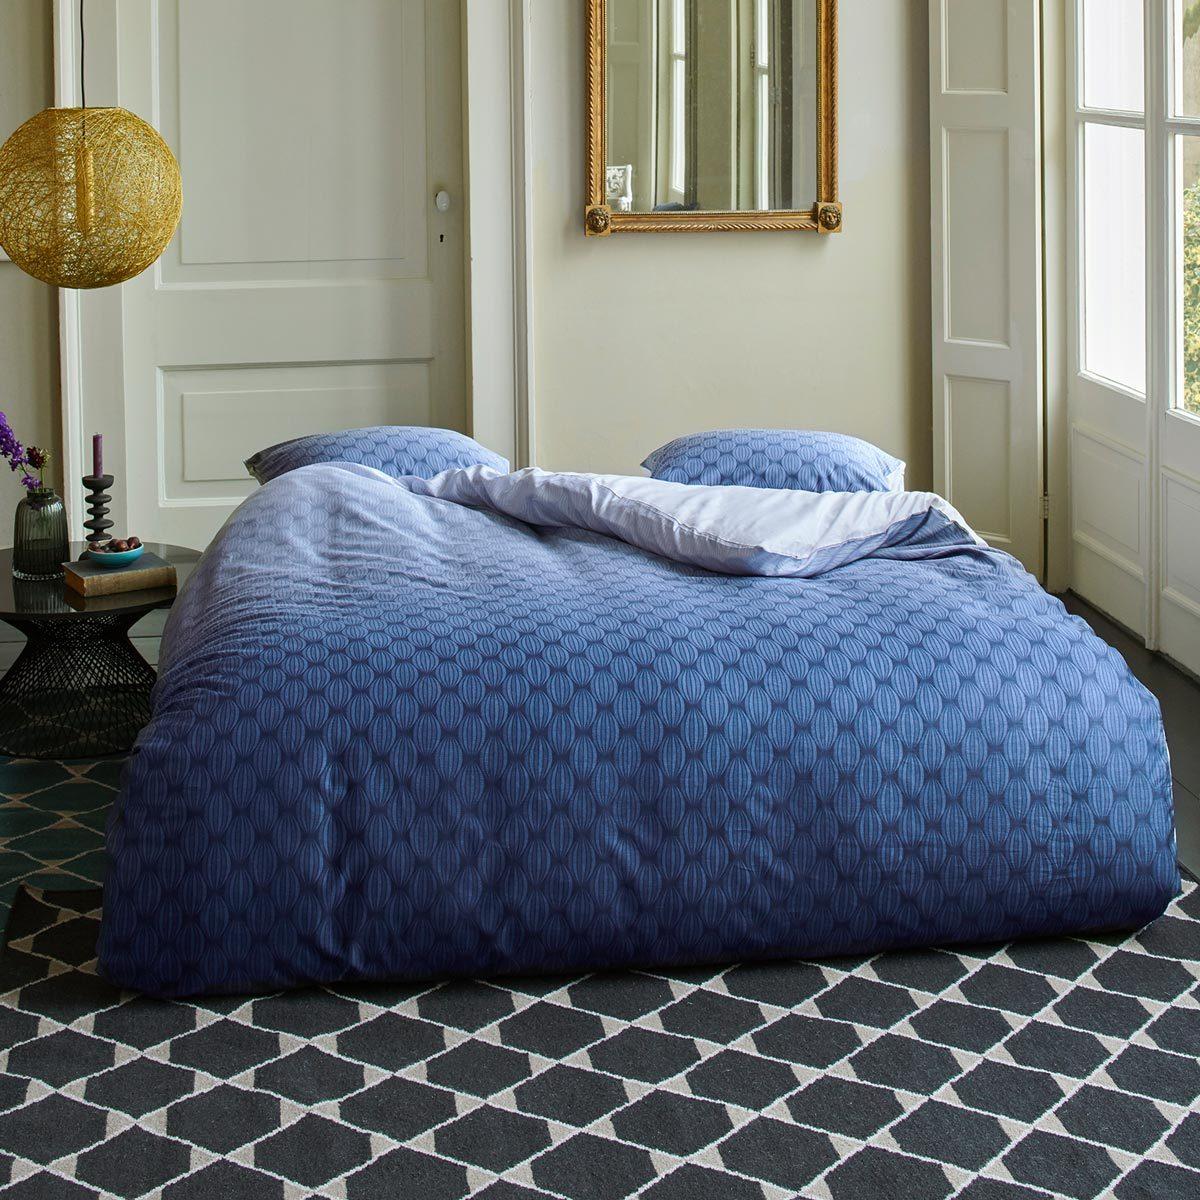 Heimtextilien Online Kaufen Mbel Suchmaschine Ladendirektde Esprit Sheet Set Lily King Size Mako Satin Wendebettwsche Nouni Blue